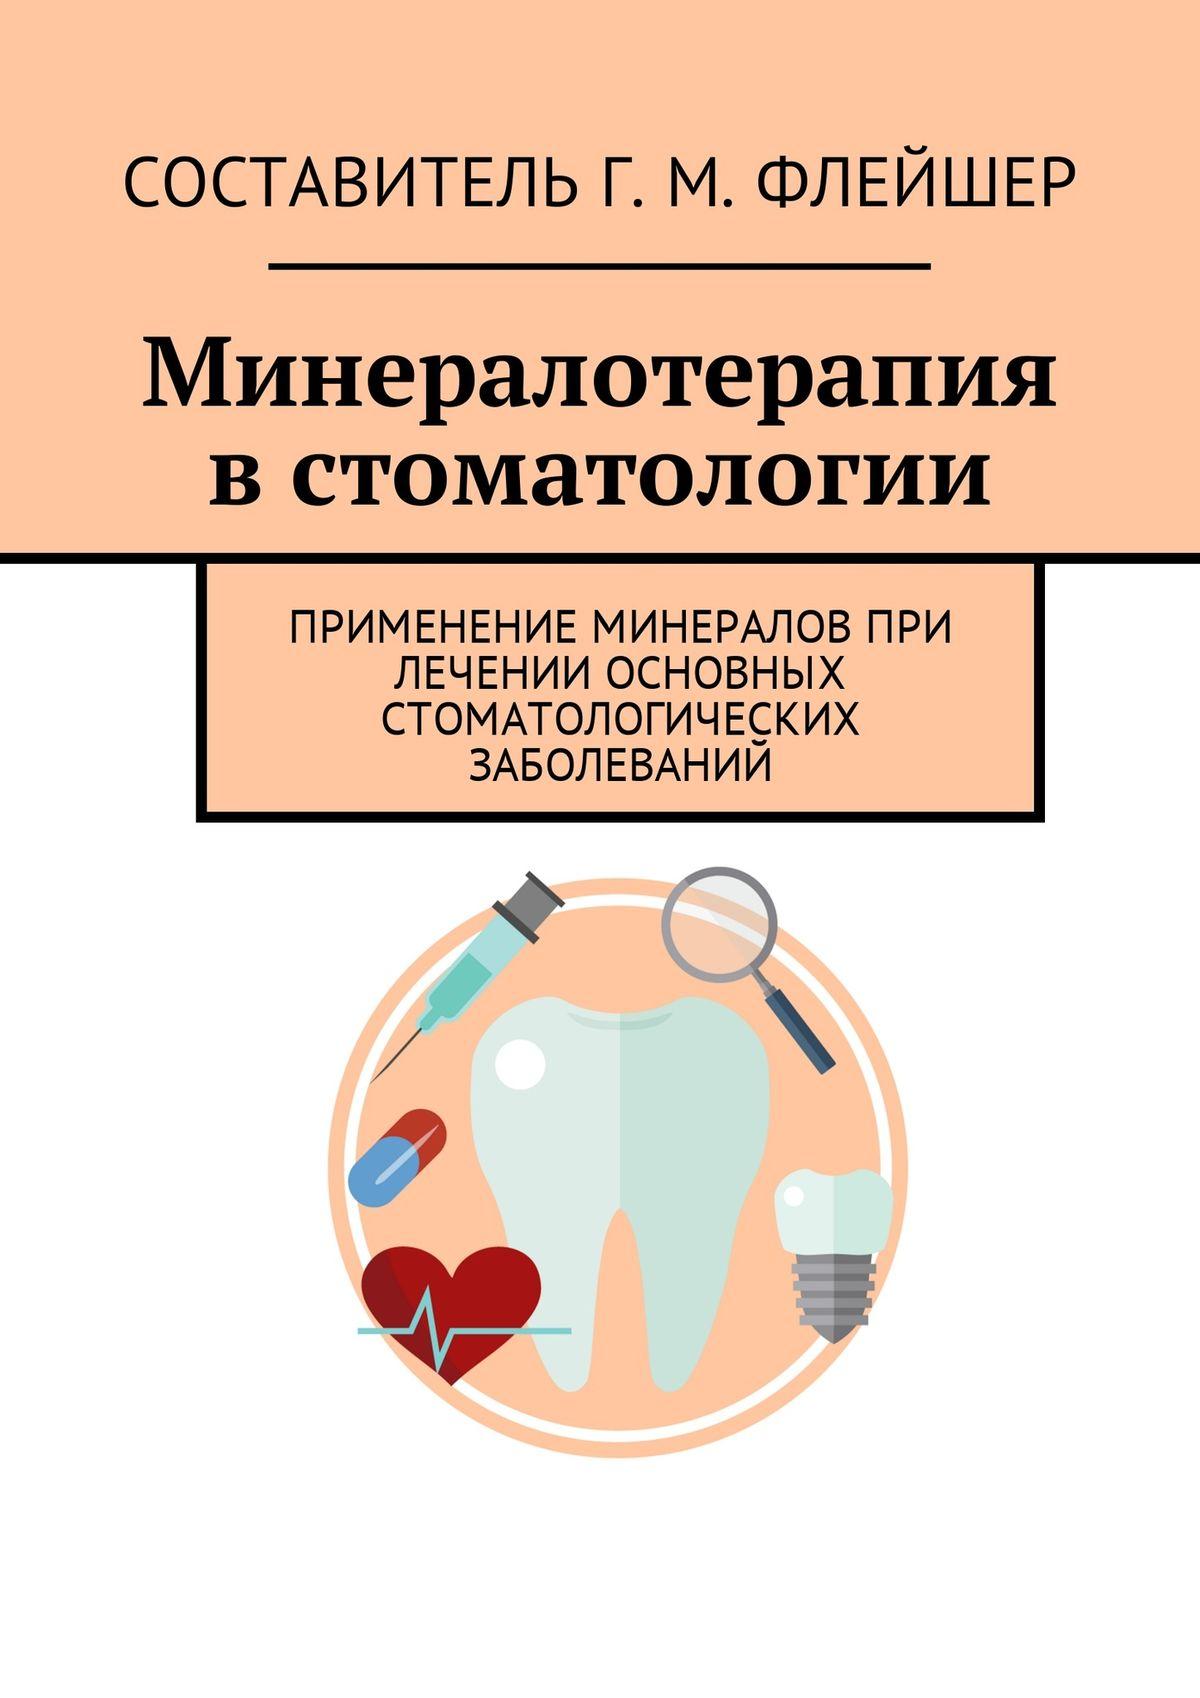 Г. М. Флейшер Минералотерапия встоматологии. Применение минералов при лечении основных стоматологических заболеваний